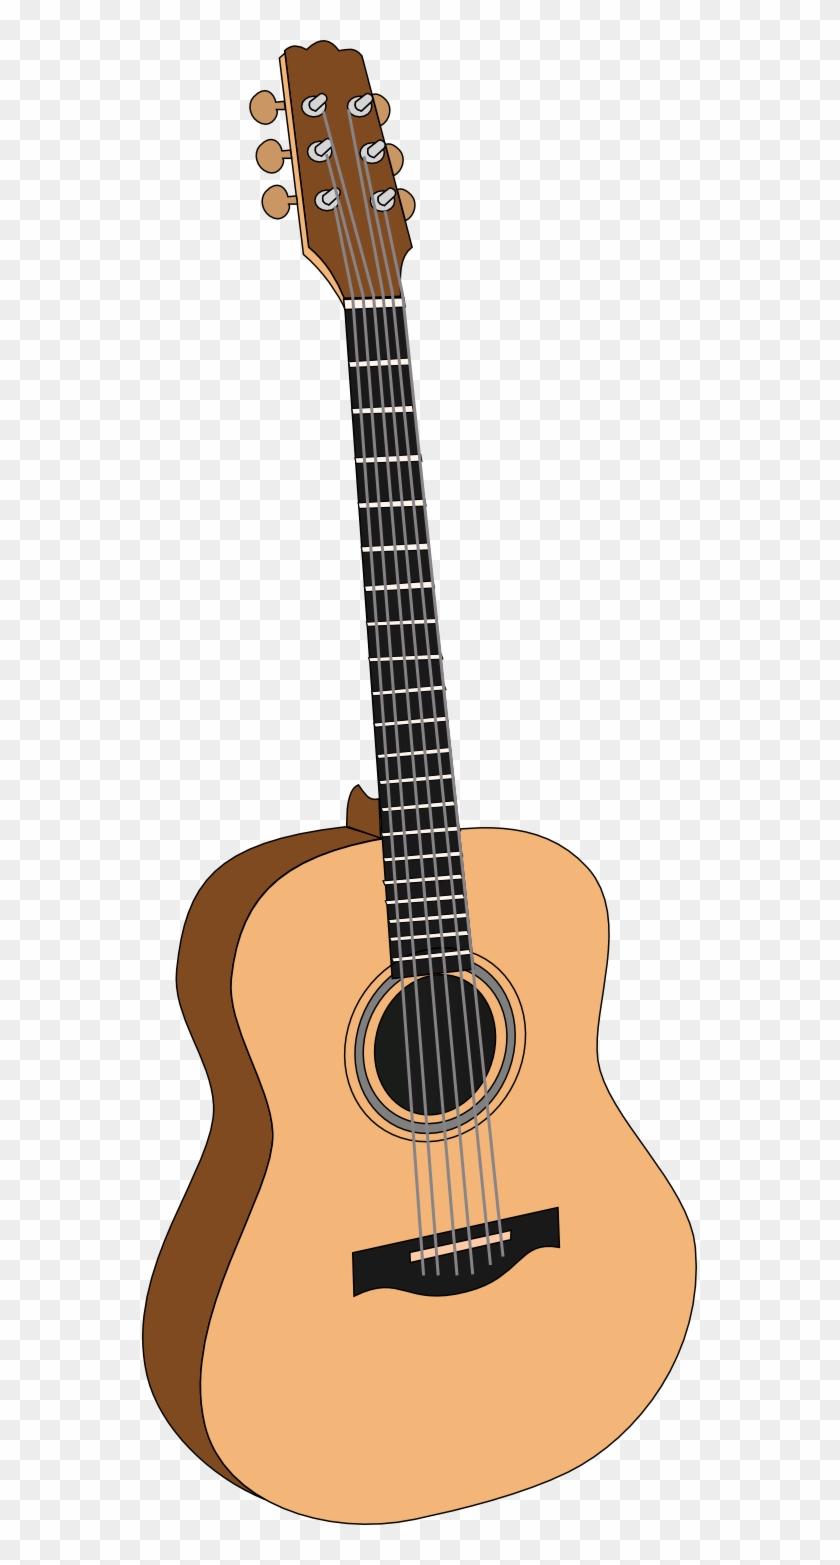 Acoustic png clip art. Clipart guitar transparent background